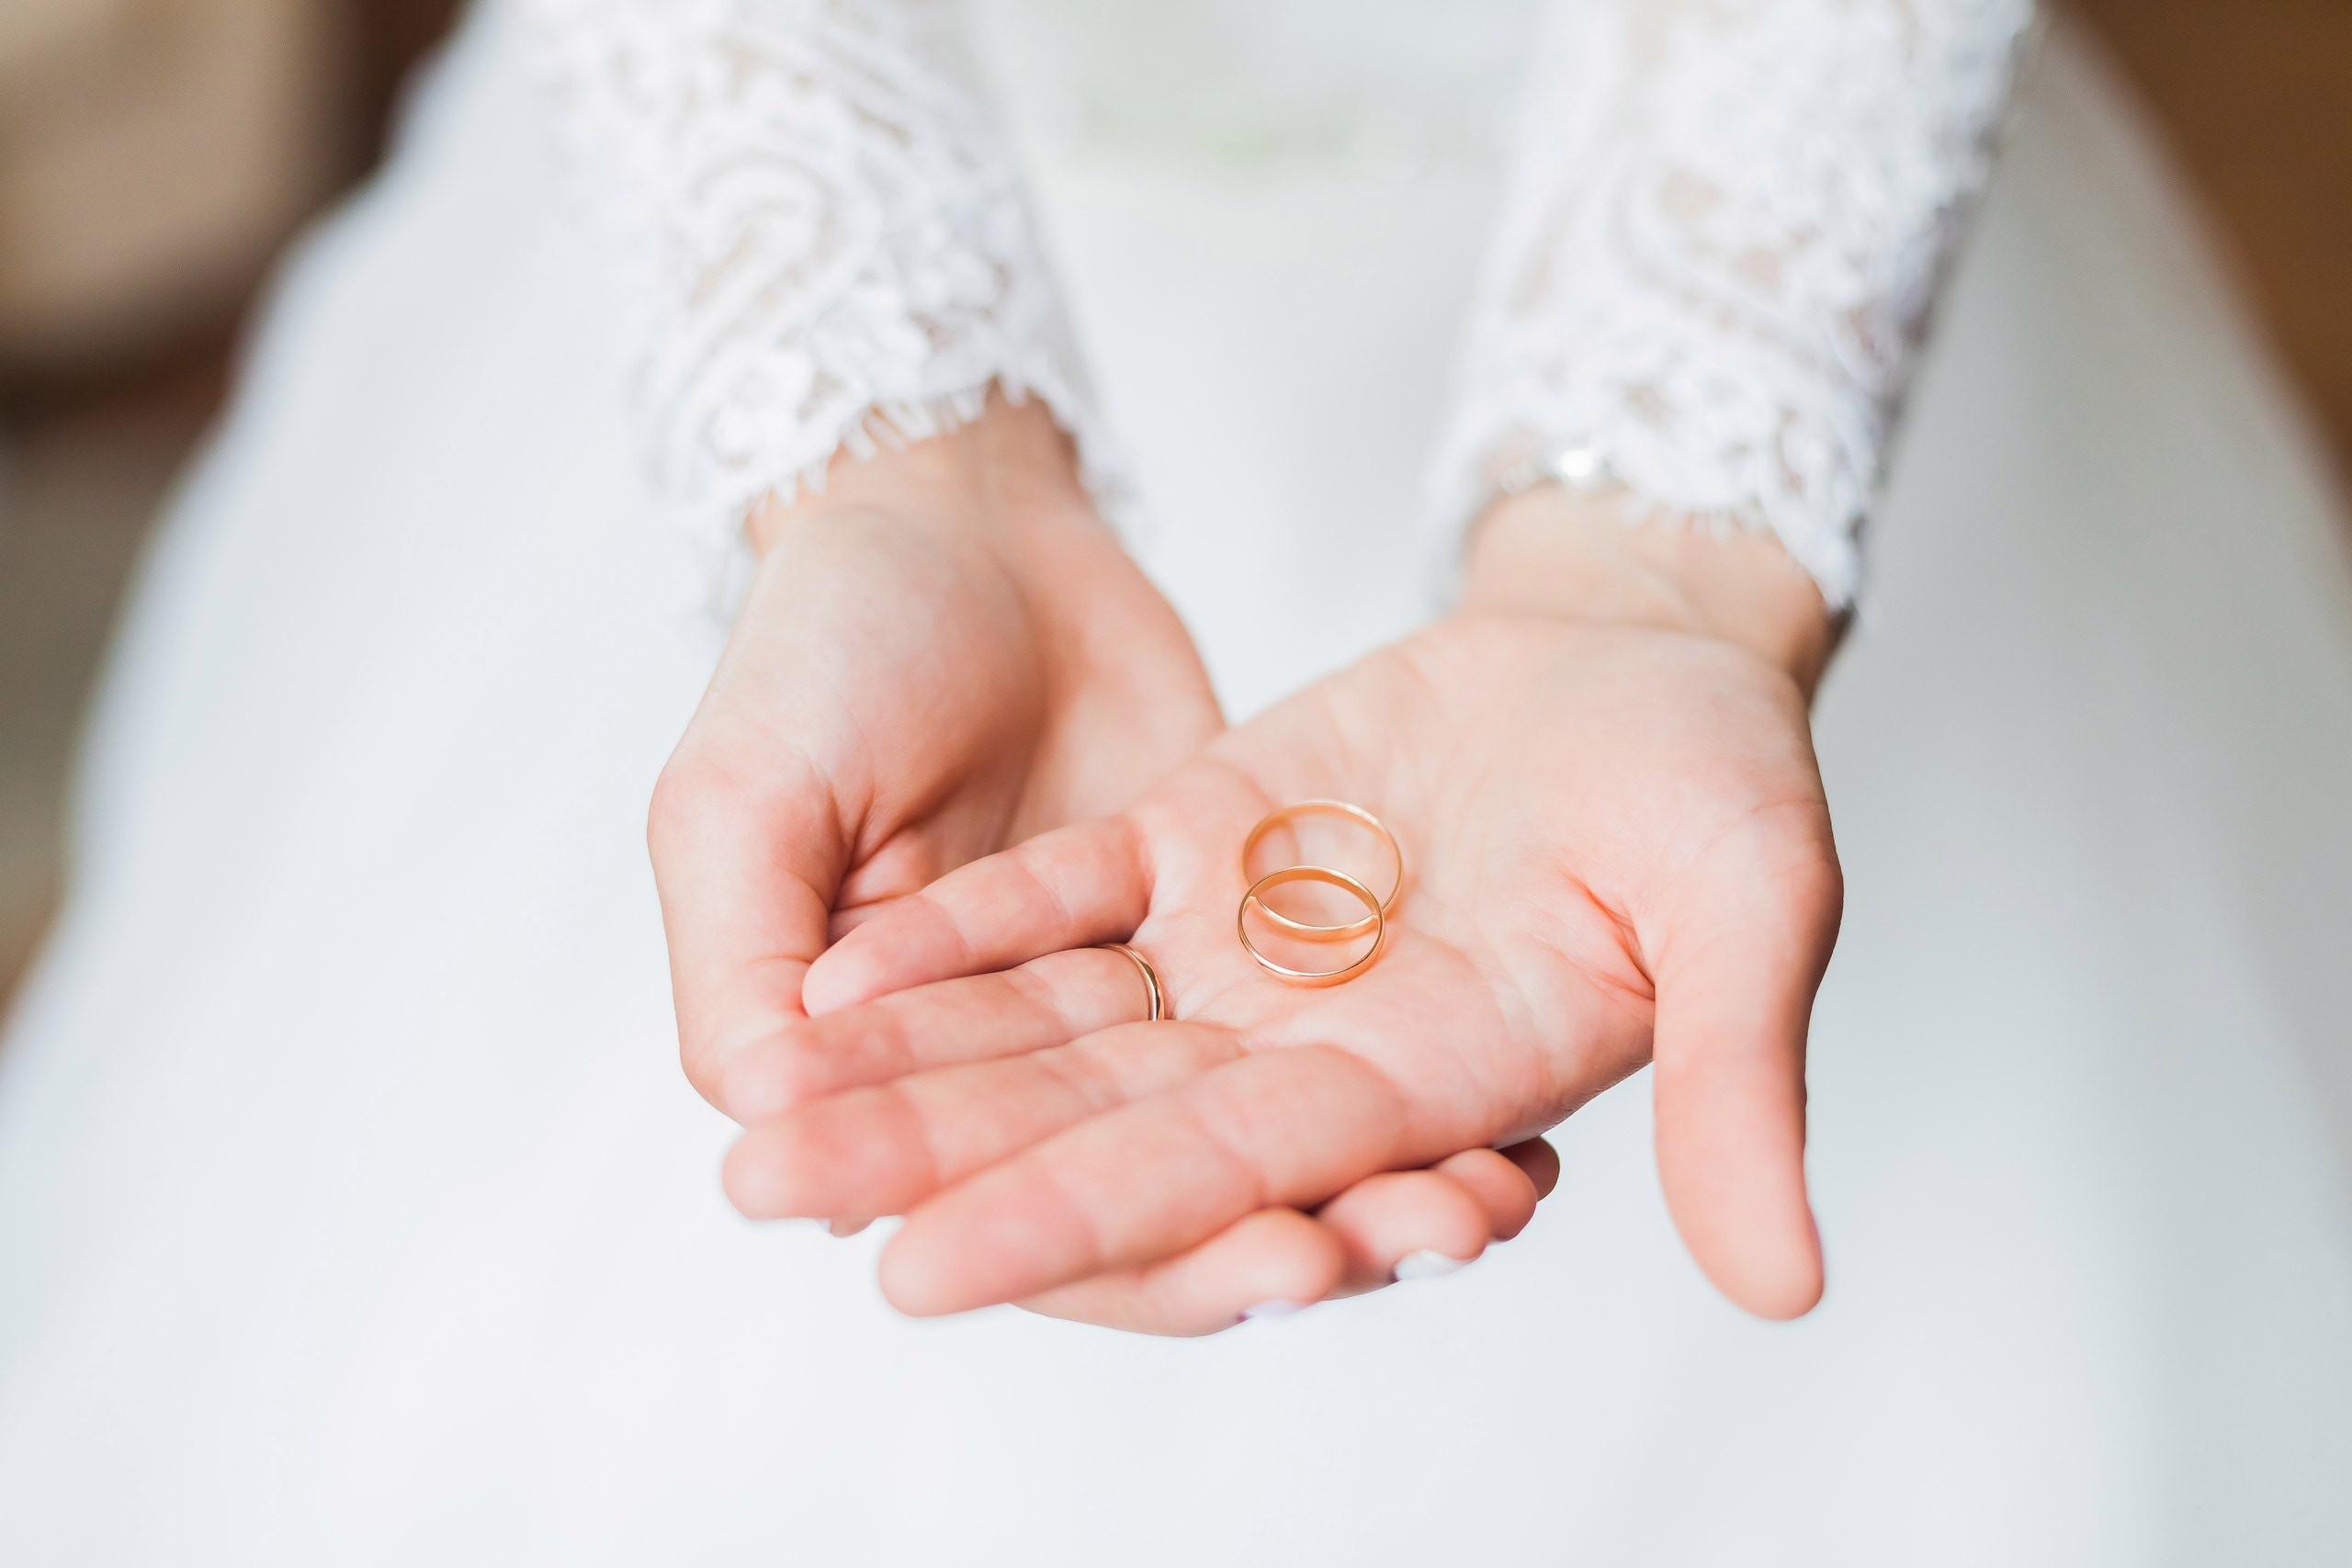 Tại sao người trẻ bây giờ thường hay sợ hãi hôn nhân? Đây chính là lý do - Ảnh 4